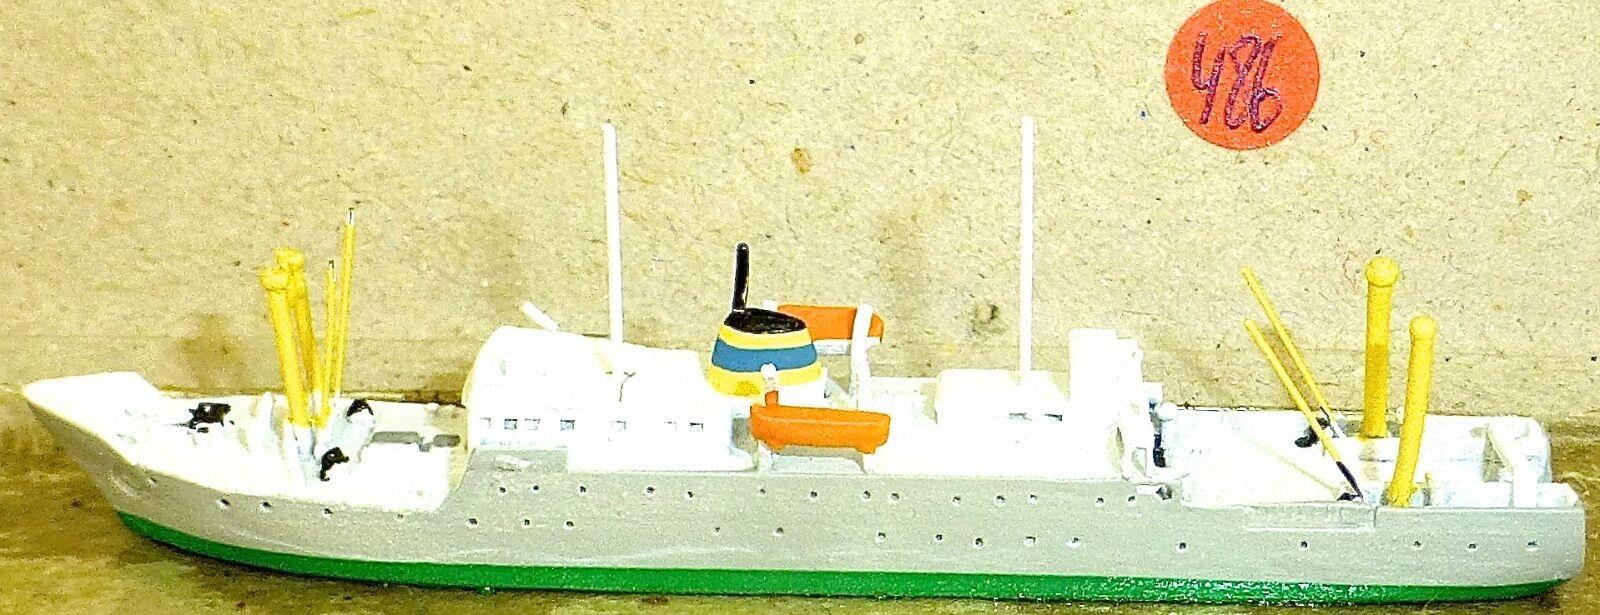 gran selección y entrega rápida Berthold Brecht cm Kr 293 Maqueta de Barco 1 1 1 1250 SHP486 Å  Tienda de moda y compras online.